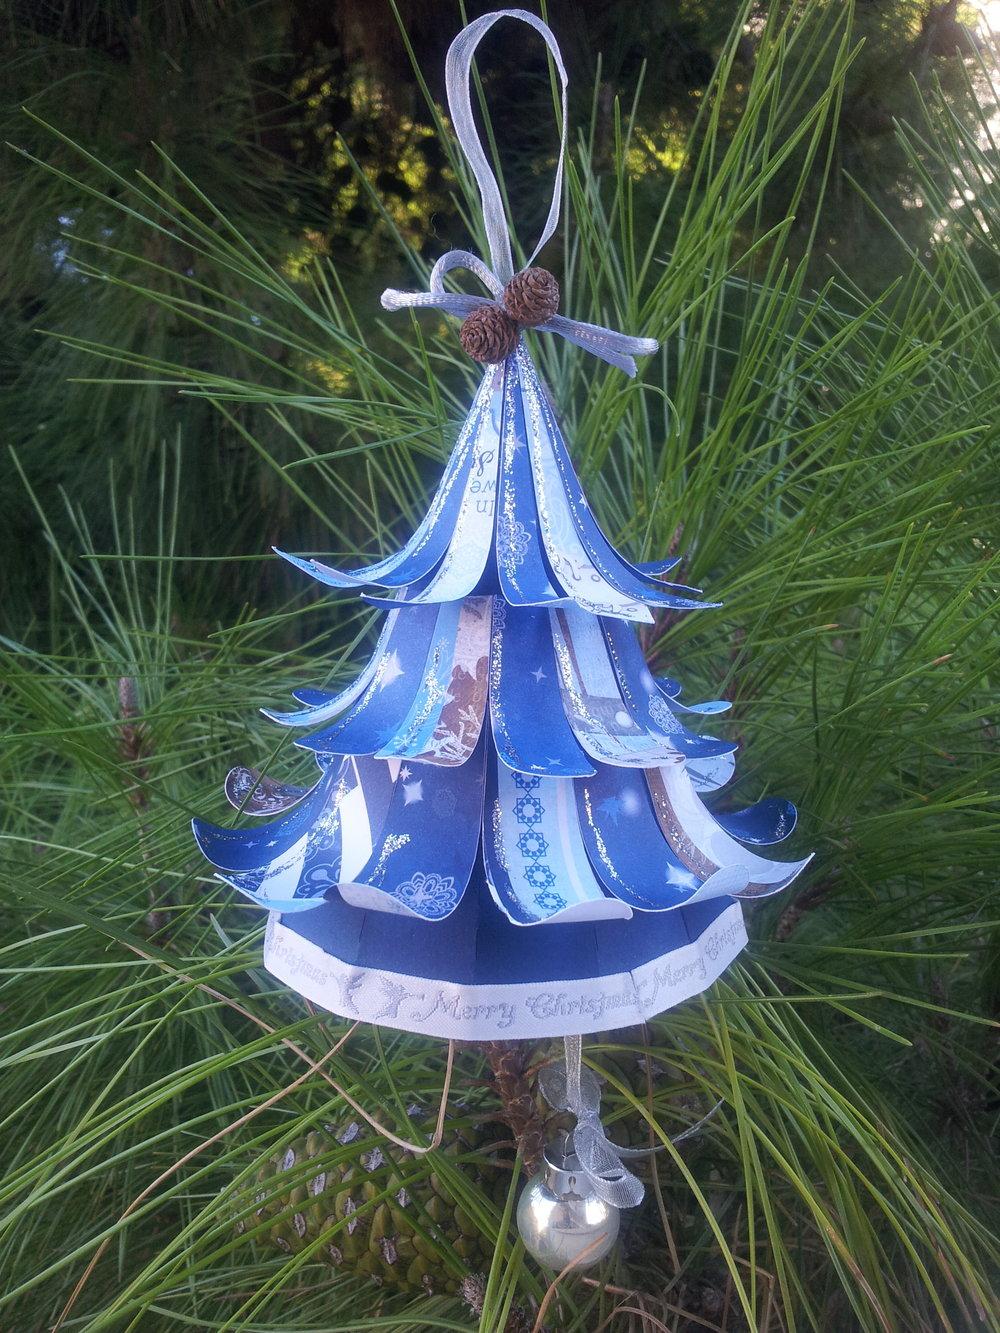 2. Κρεμαστό Χριστουγεννιάτικο Δέντρο